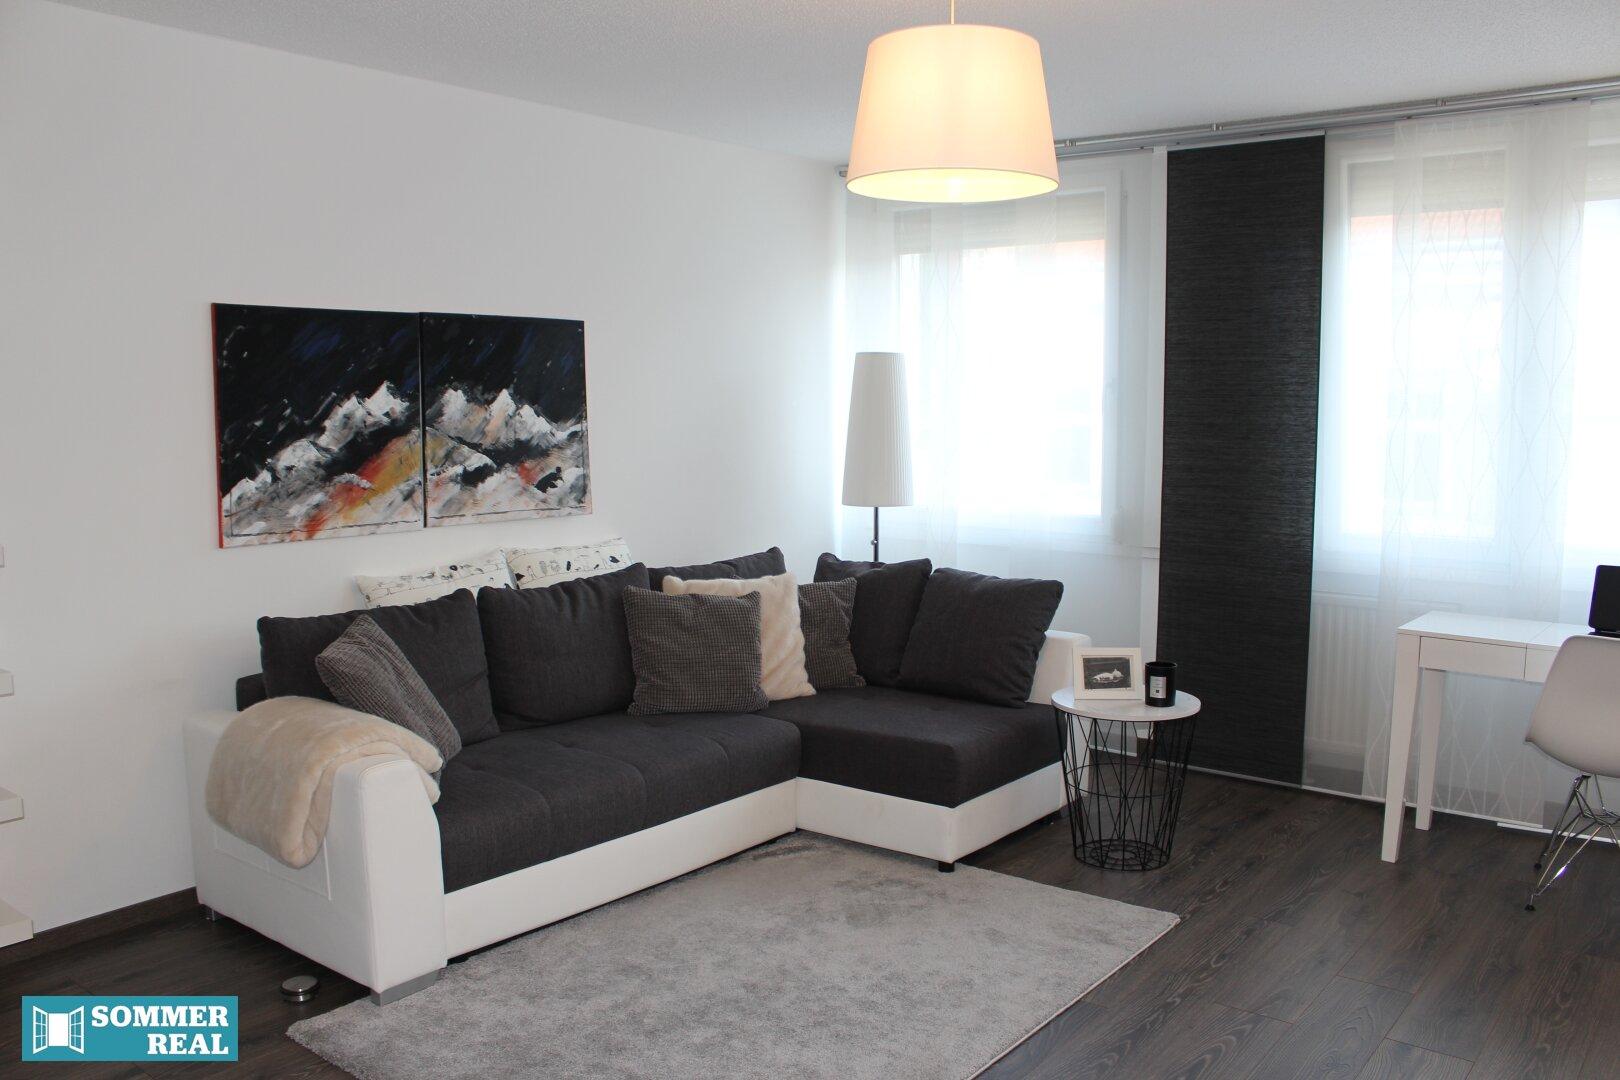 Blick auf das Sofa